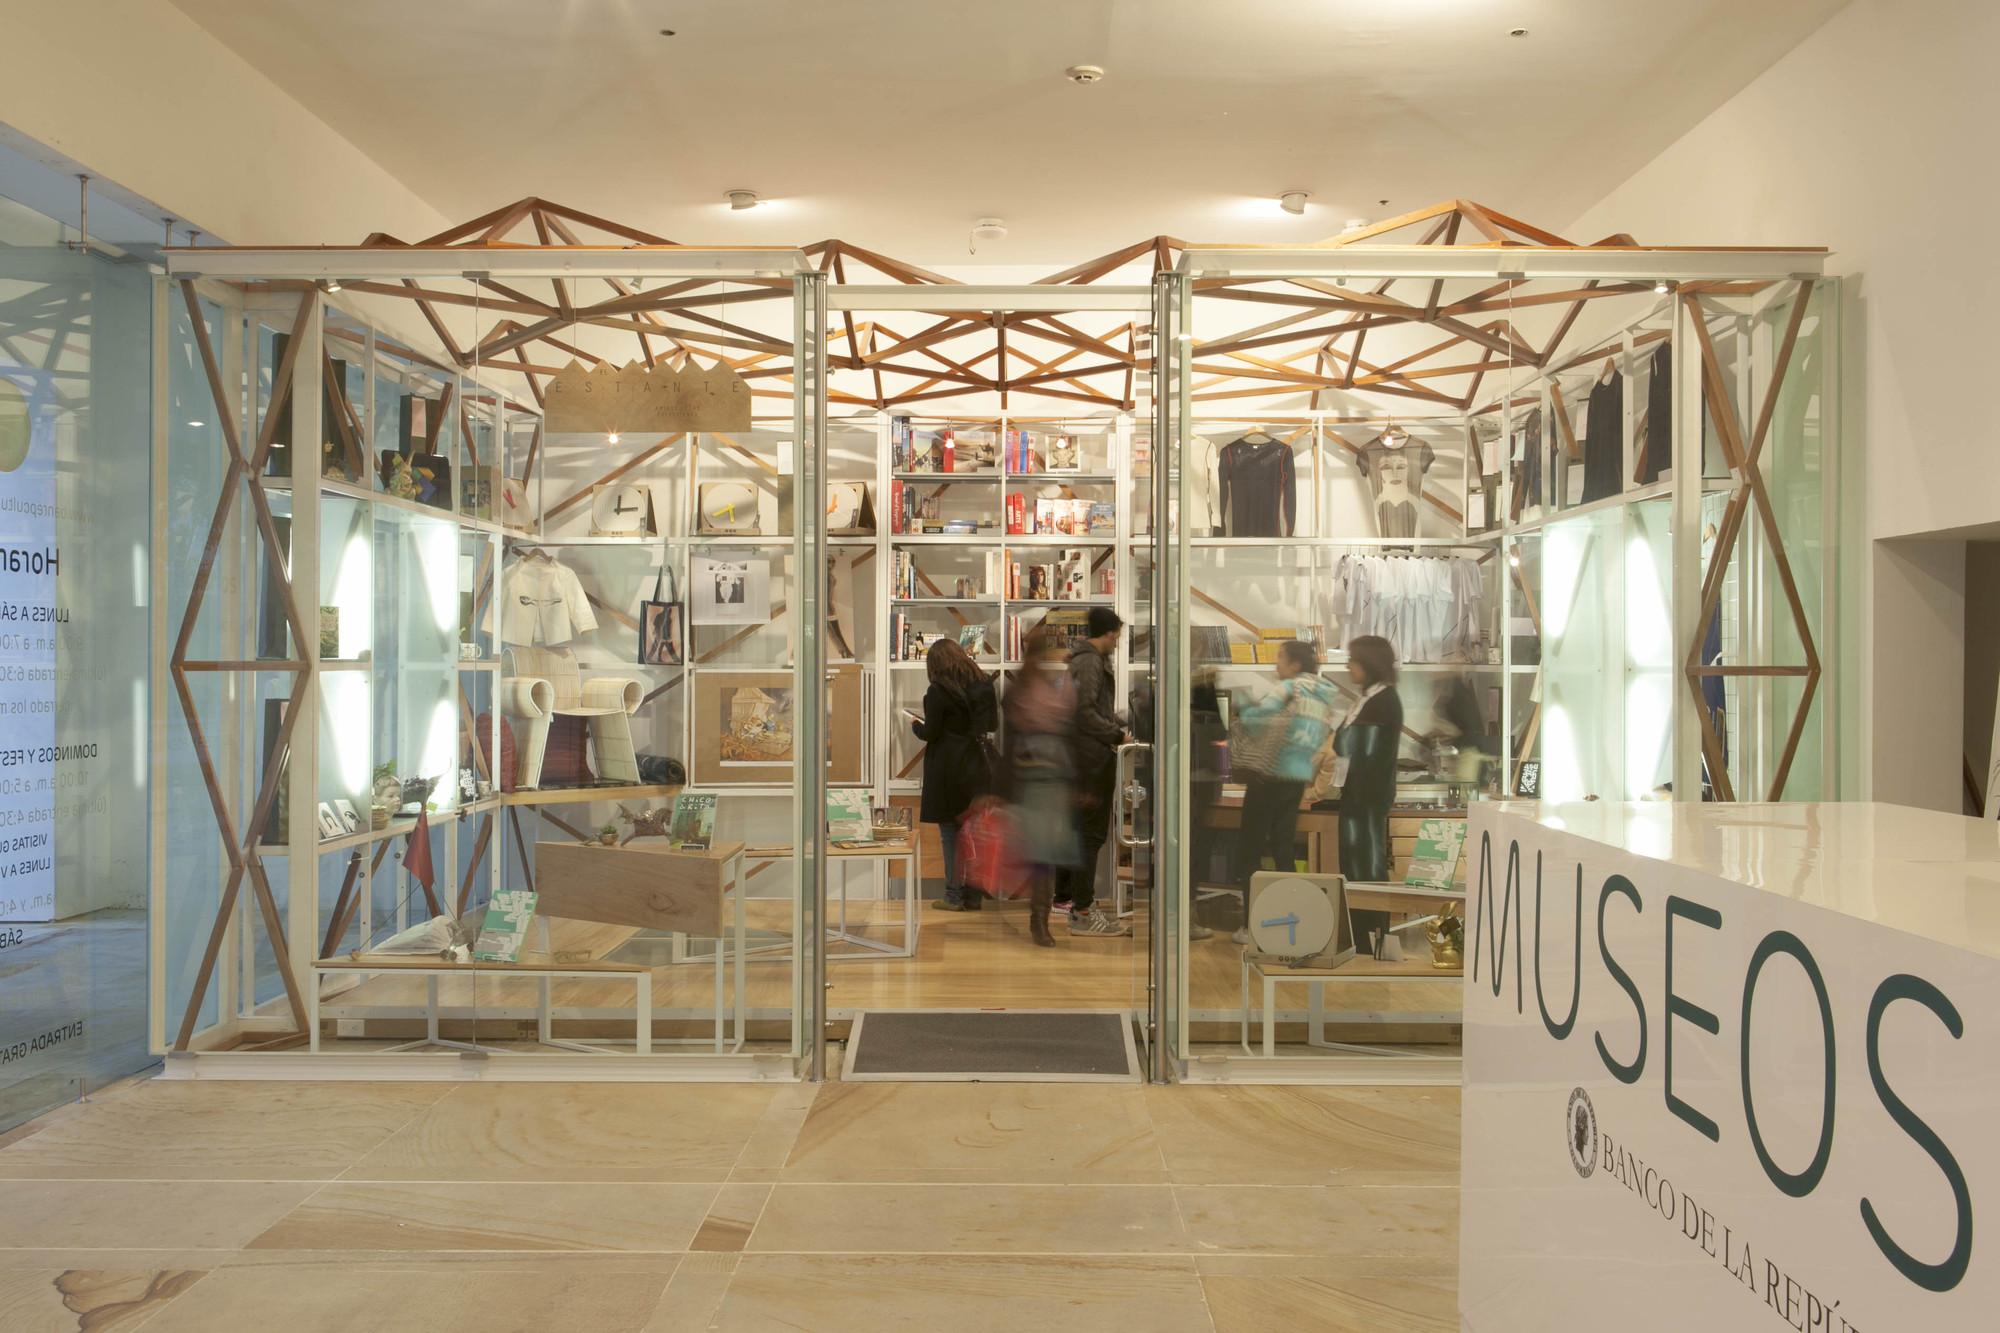 Tienda de la Colección del Museo de Arte Moderno del Banco de la República / Manuel Villa Arquitectos + Oficina Informal , © Santiago Pinyol y Mariana Murcia - Laagencia